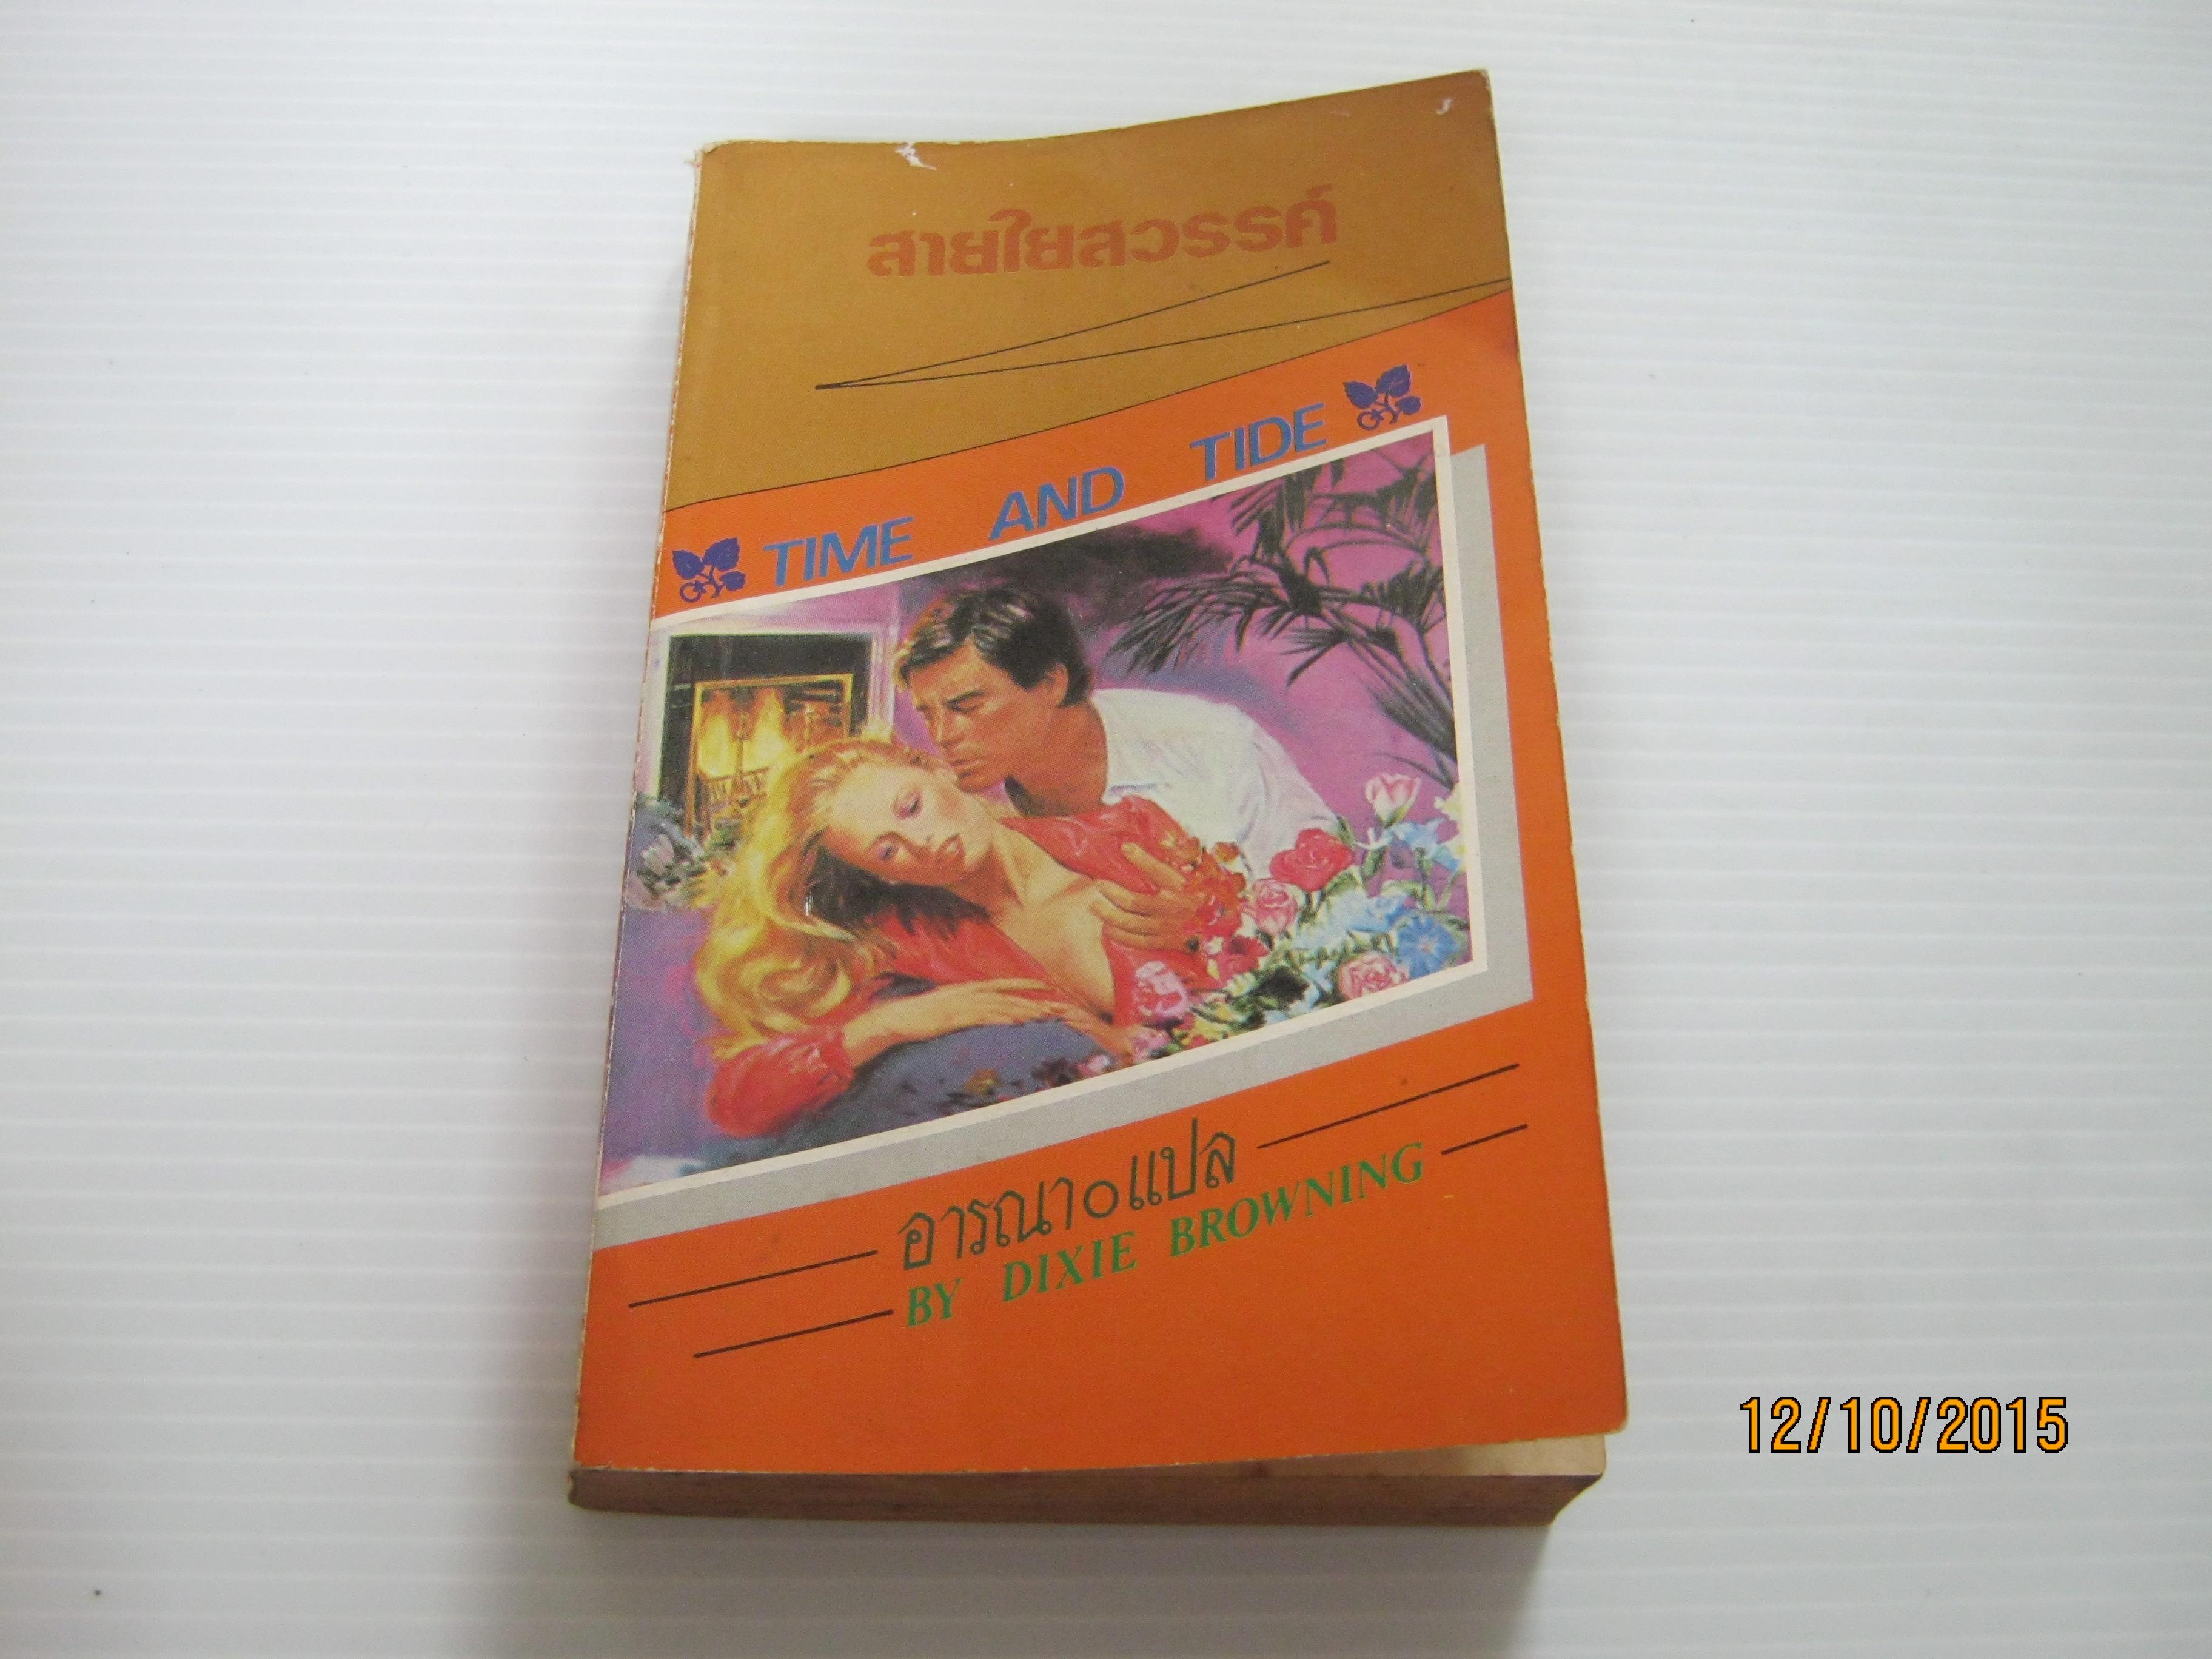 สายใยสวรรค์ (Time and Tide) Dixie Browning เขียน อารณา แปล